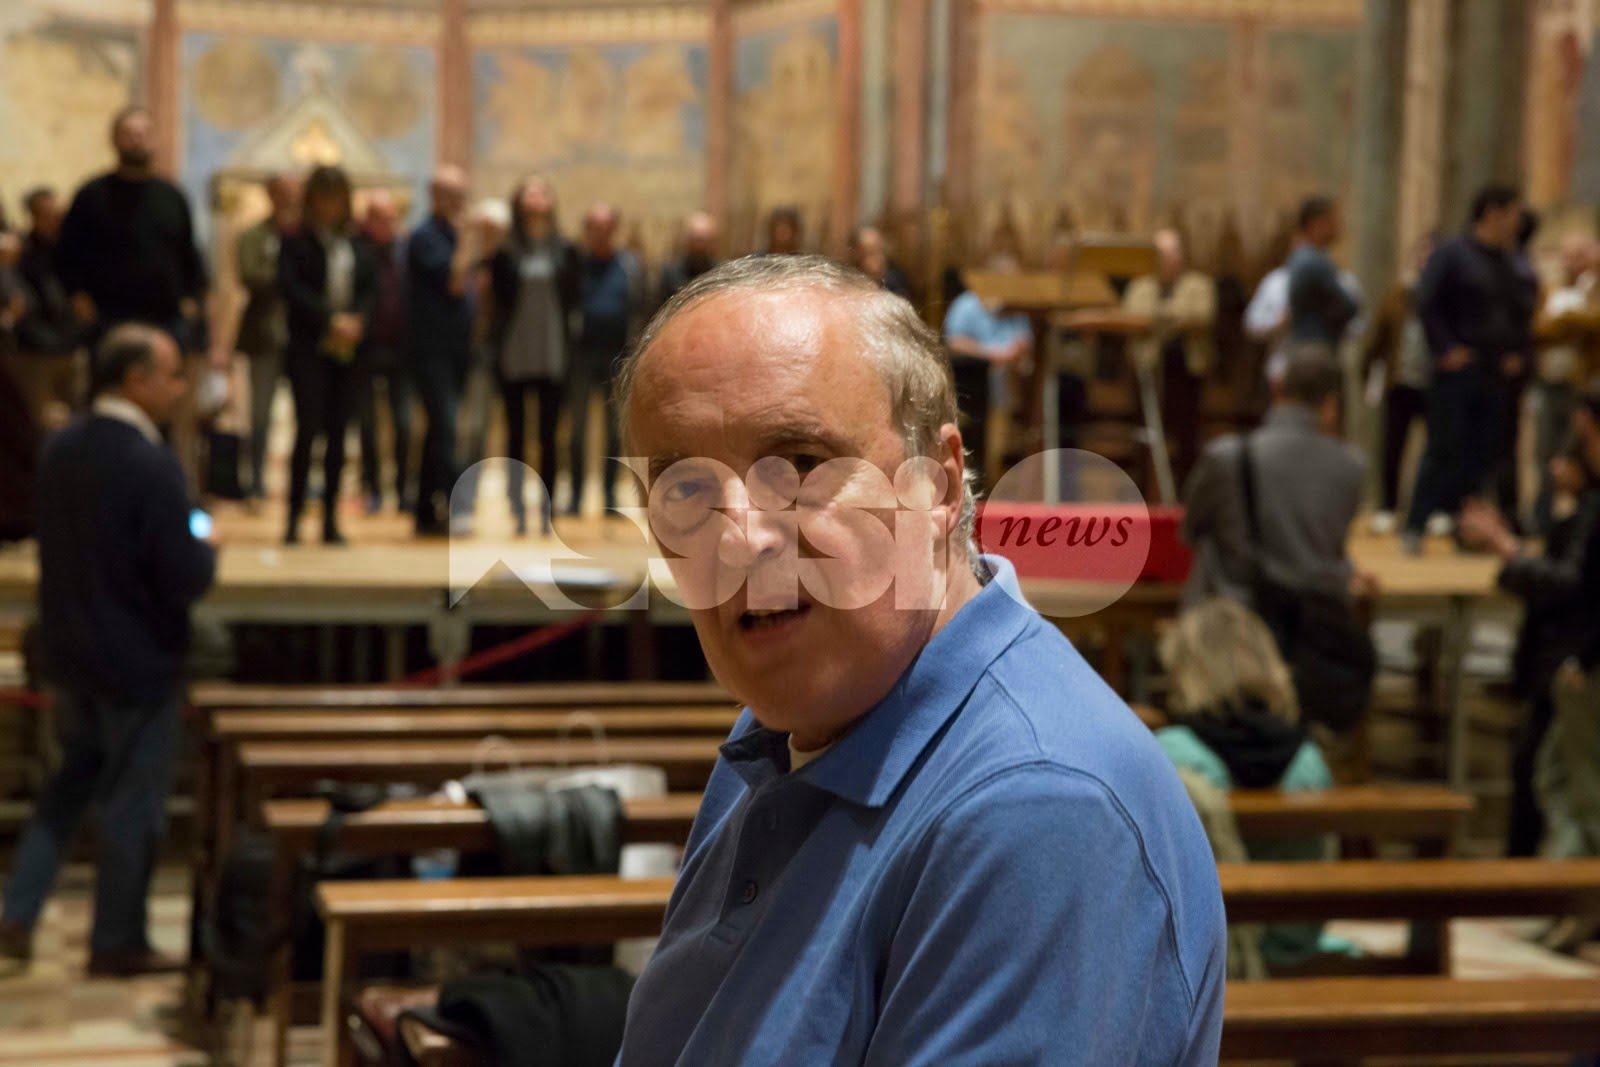 """La Salomè di Dario Argento ad Assisi: """"Sarà un'opera strana ed emozionante"""". Le foto delle prove"""